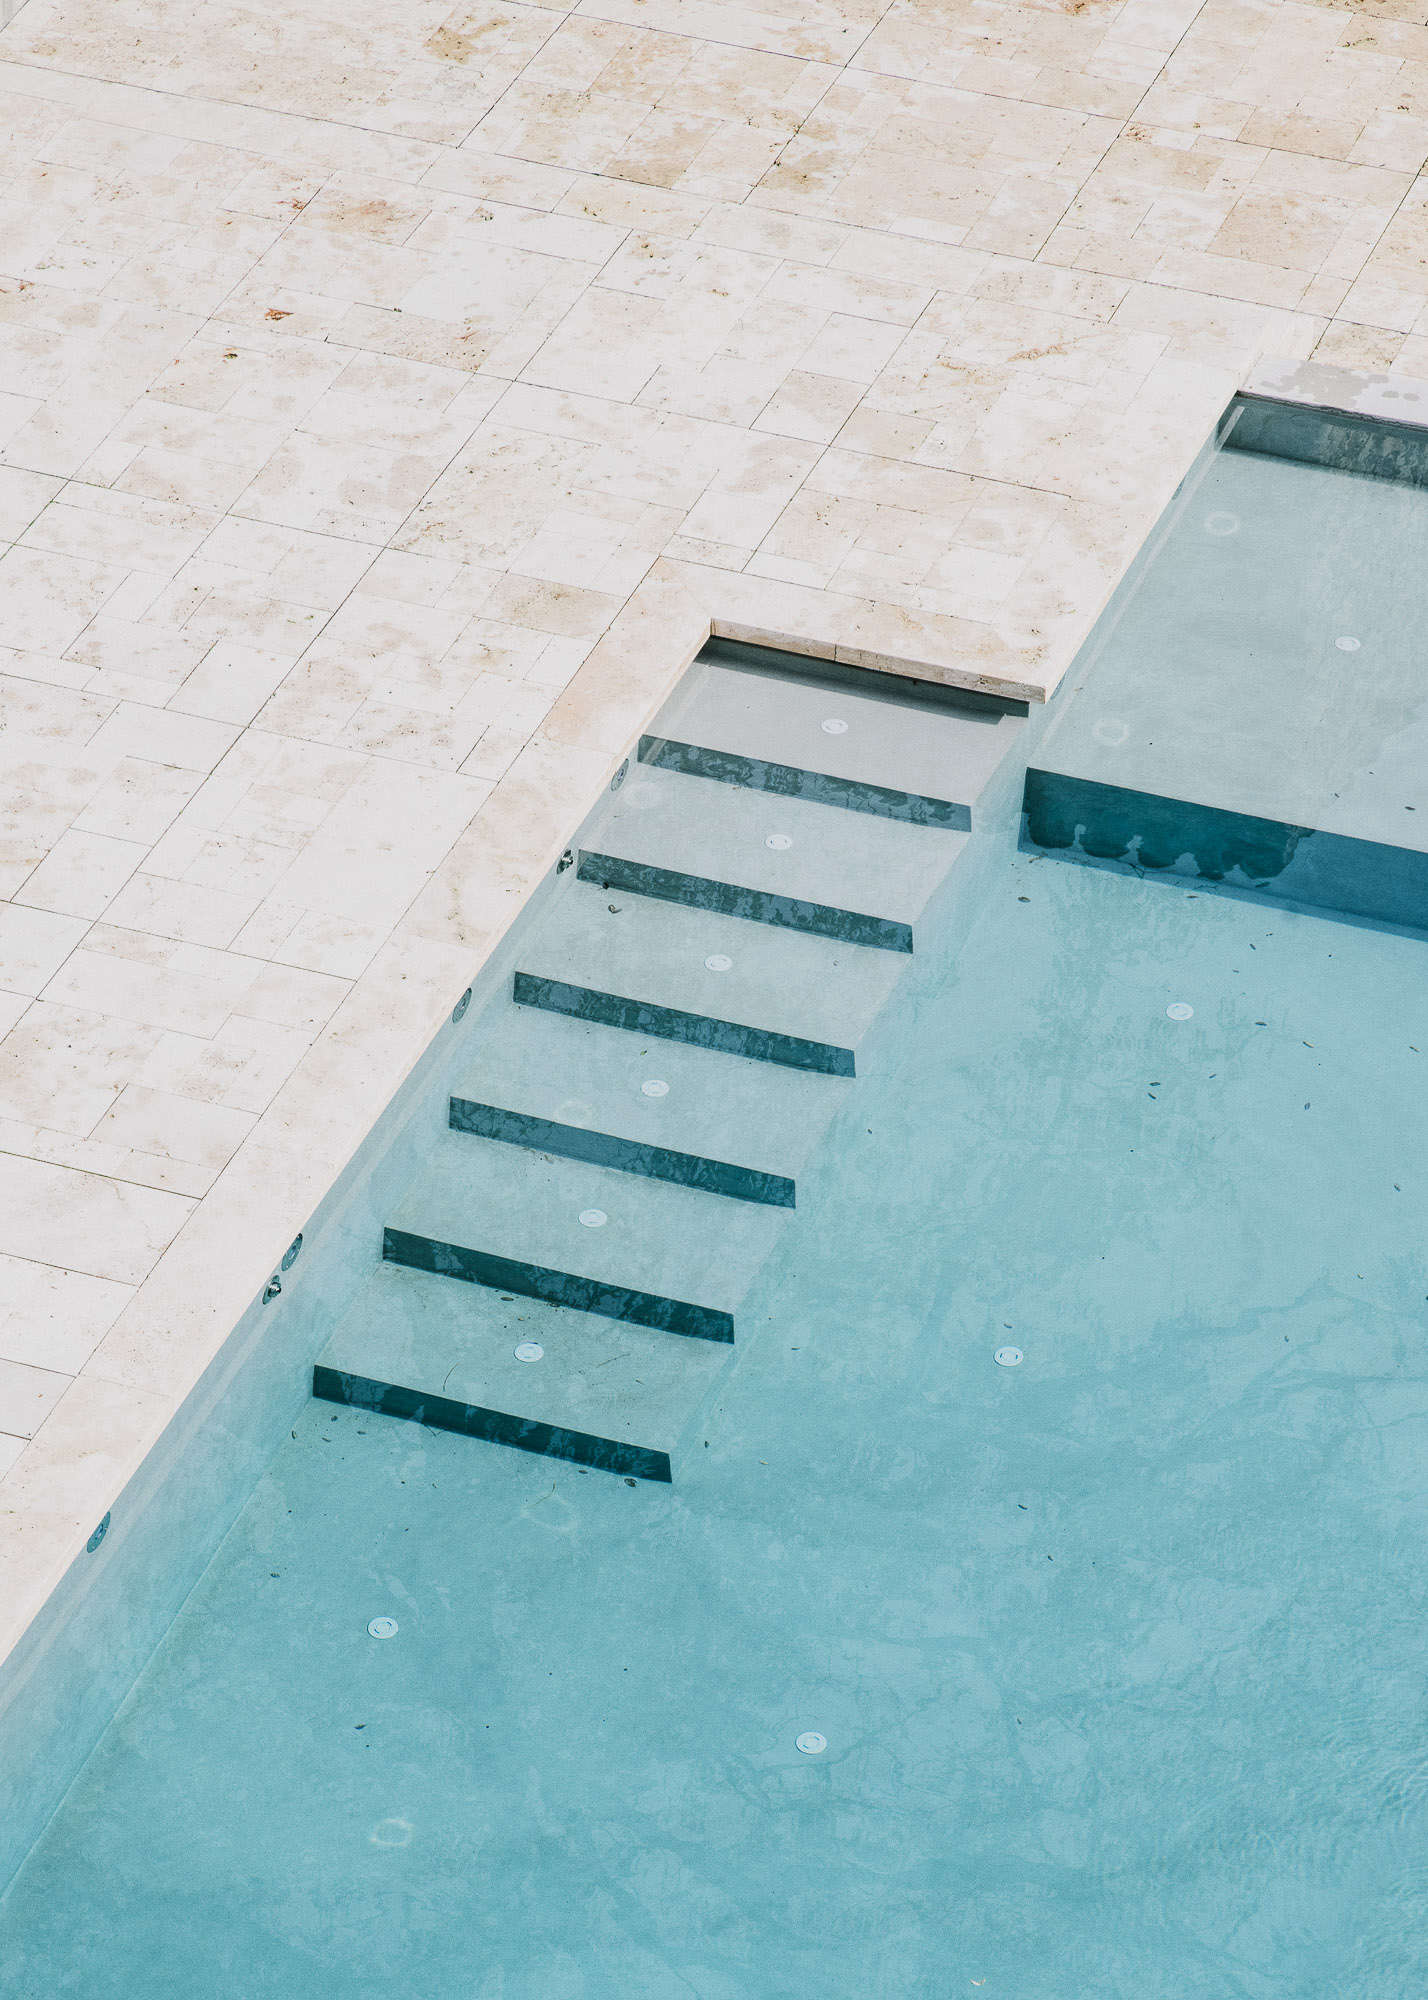 Castell-de-peratallada-pool-gardenista-7